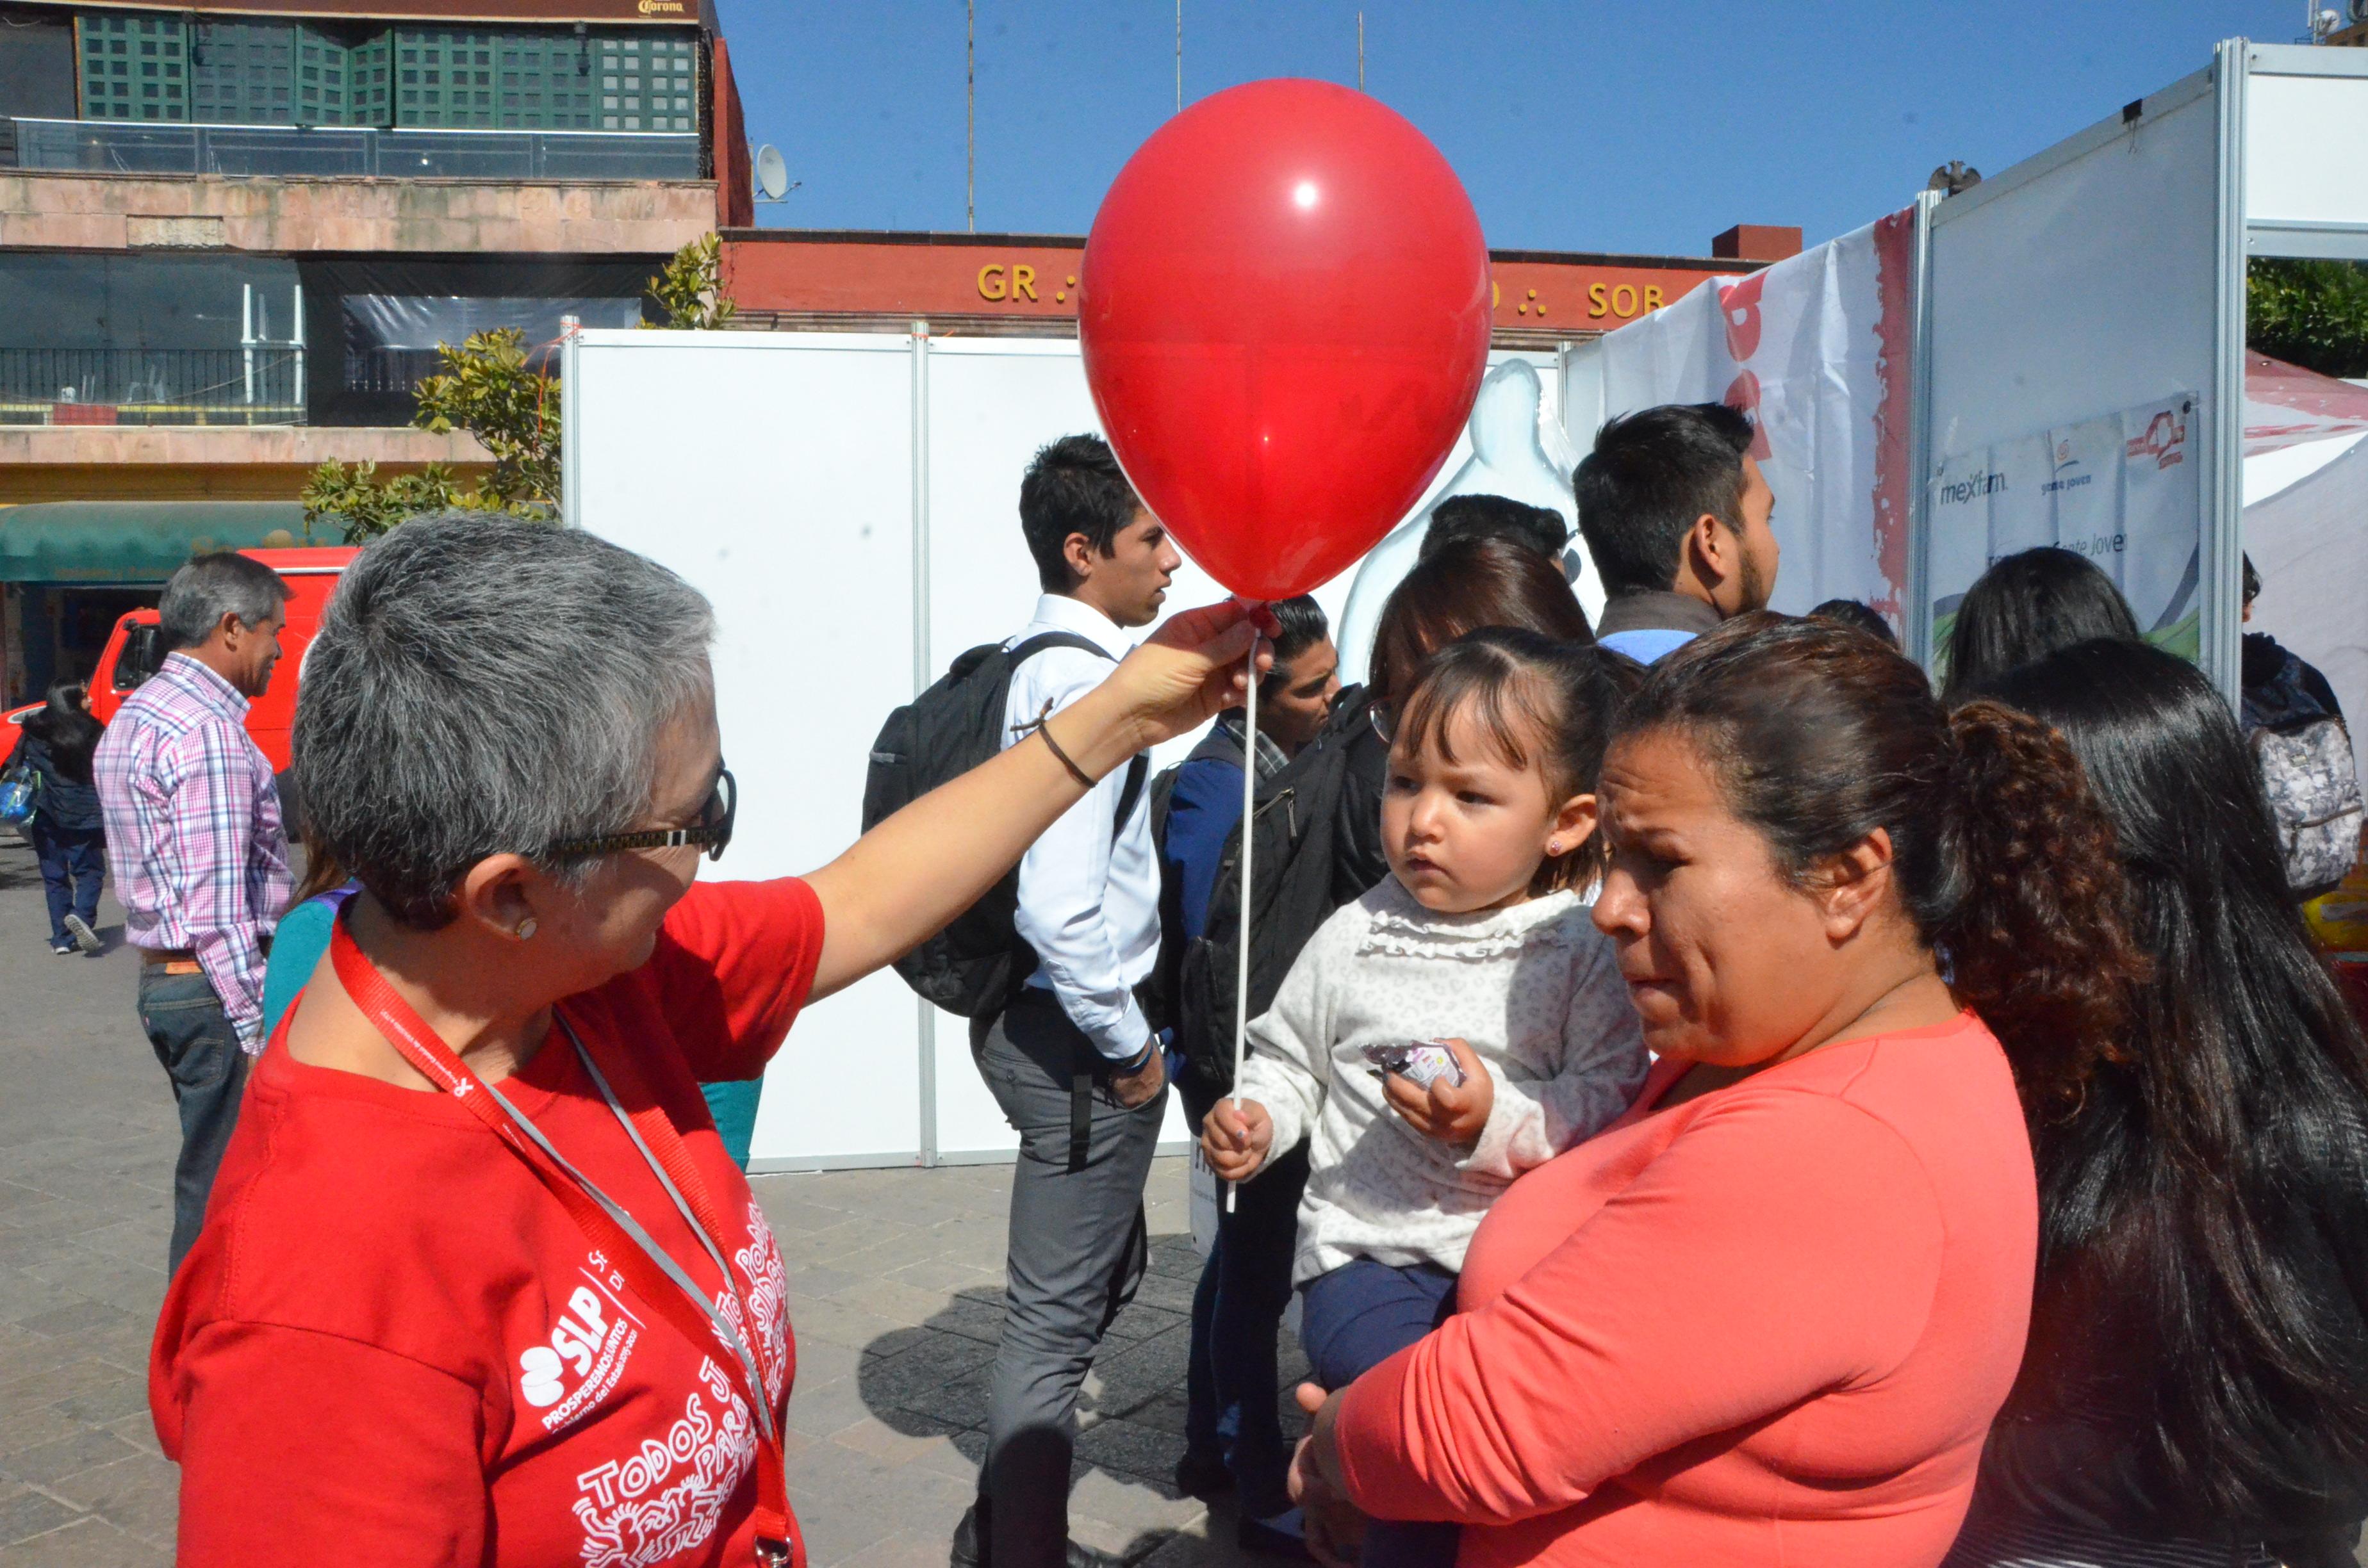 DÍA INTERNACIONAL DE LUCHA CONTRA EL SIDA, SE HAN APLICADO ESTE AÑO MÁS DE 120 MIL PRUEBAS RÁPIDAS DE DETECCIÓN DE VIH